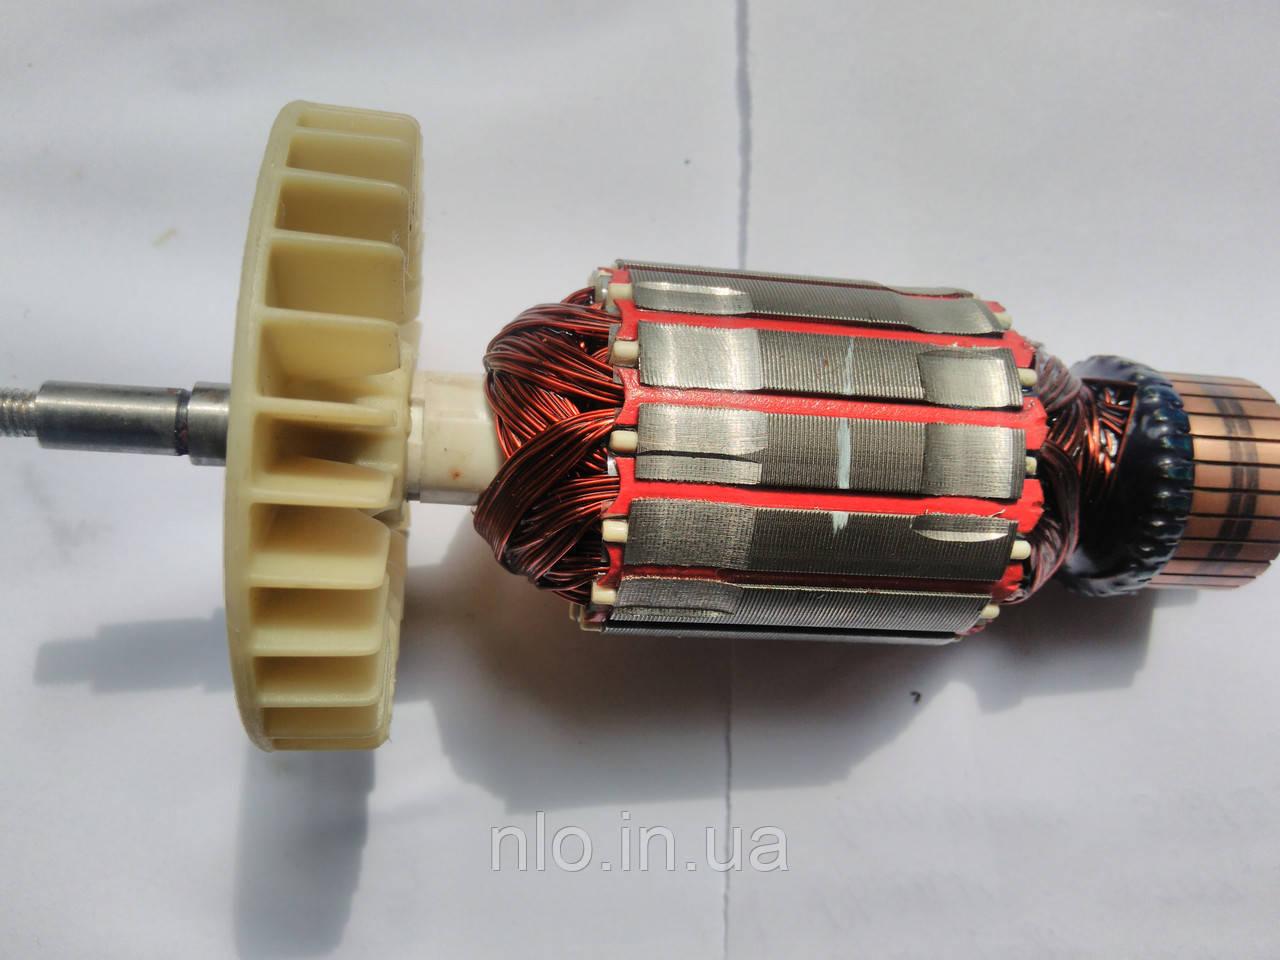 Якір для електропили ланцюгової 406 2800 профі (176х47 посадка 8 мм, різьба 6 мм)